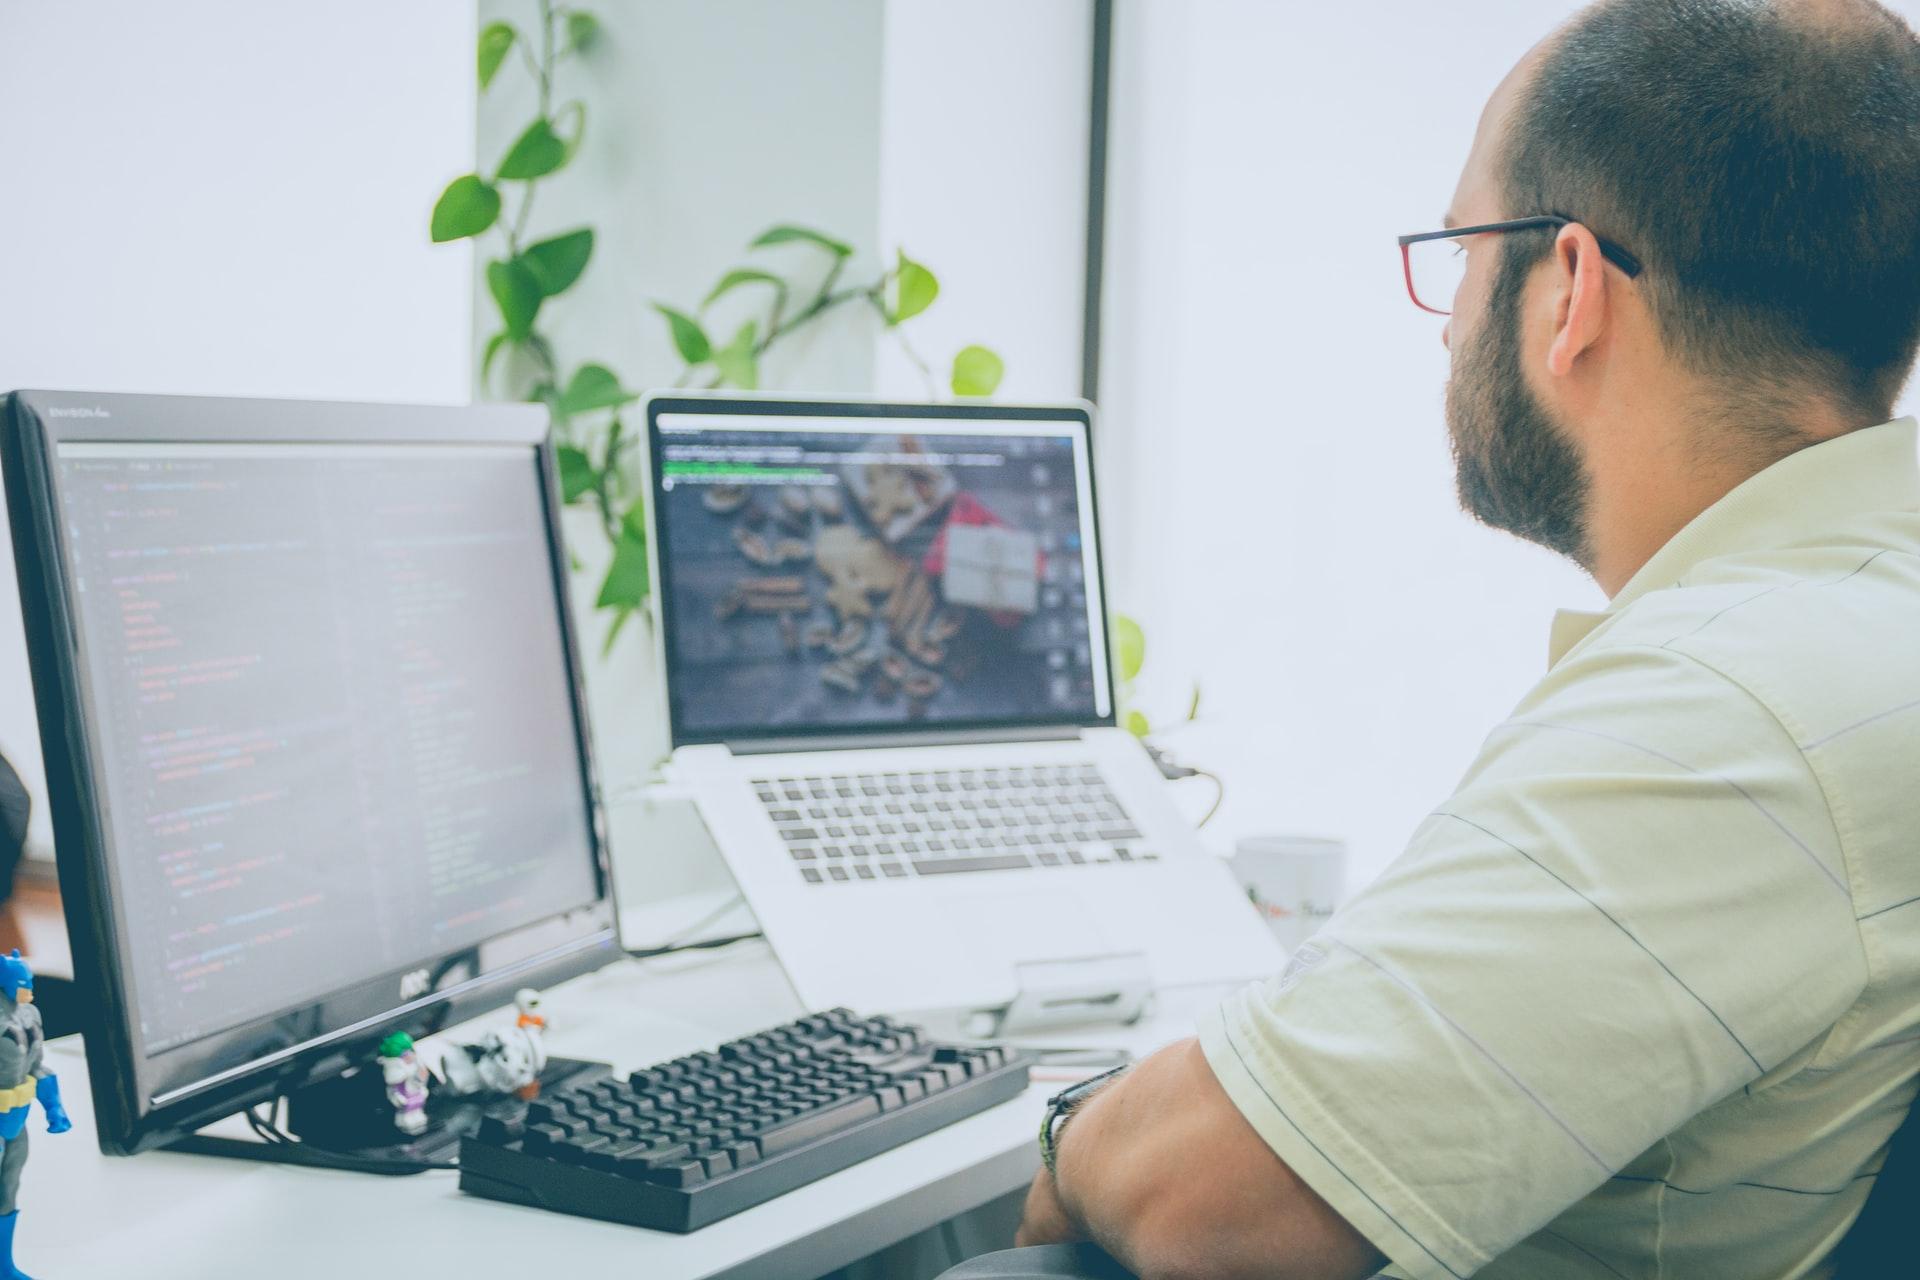 Le point sur le métier du dépanneur informatique